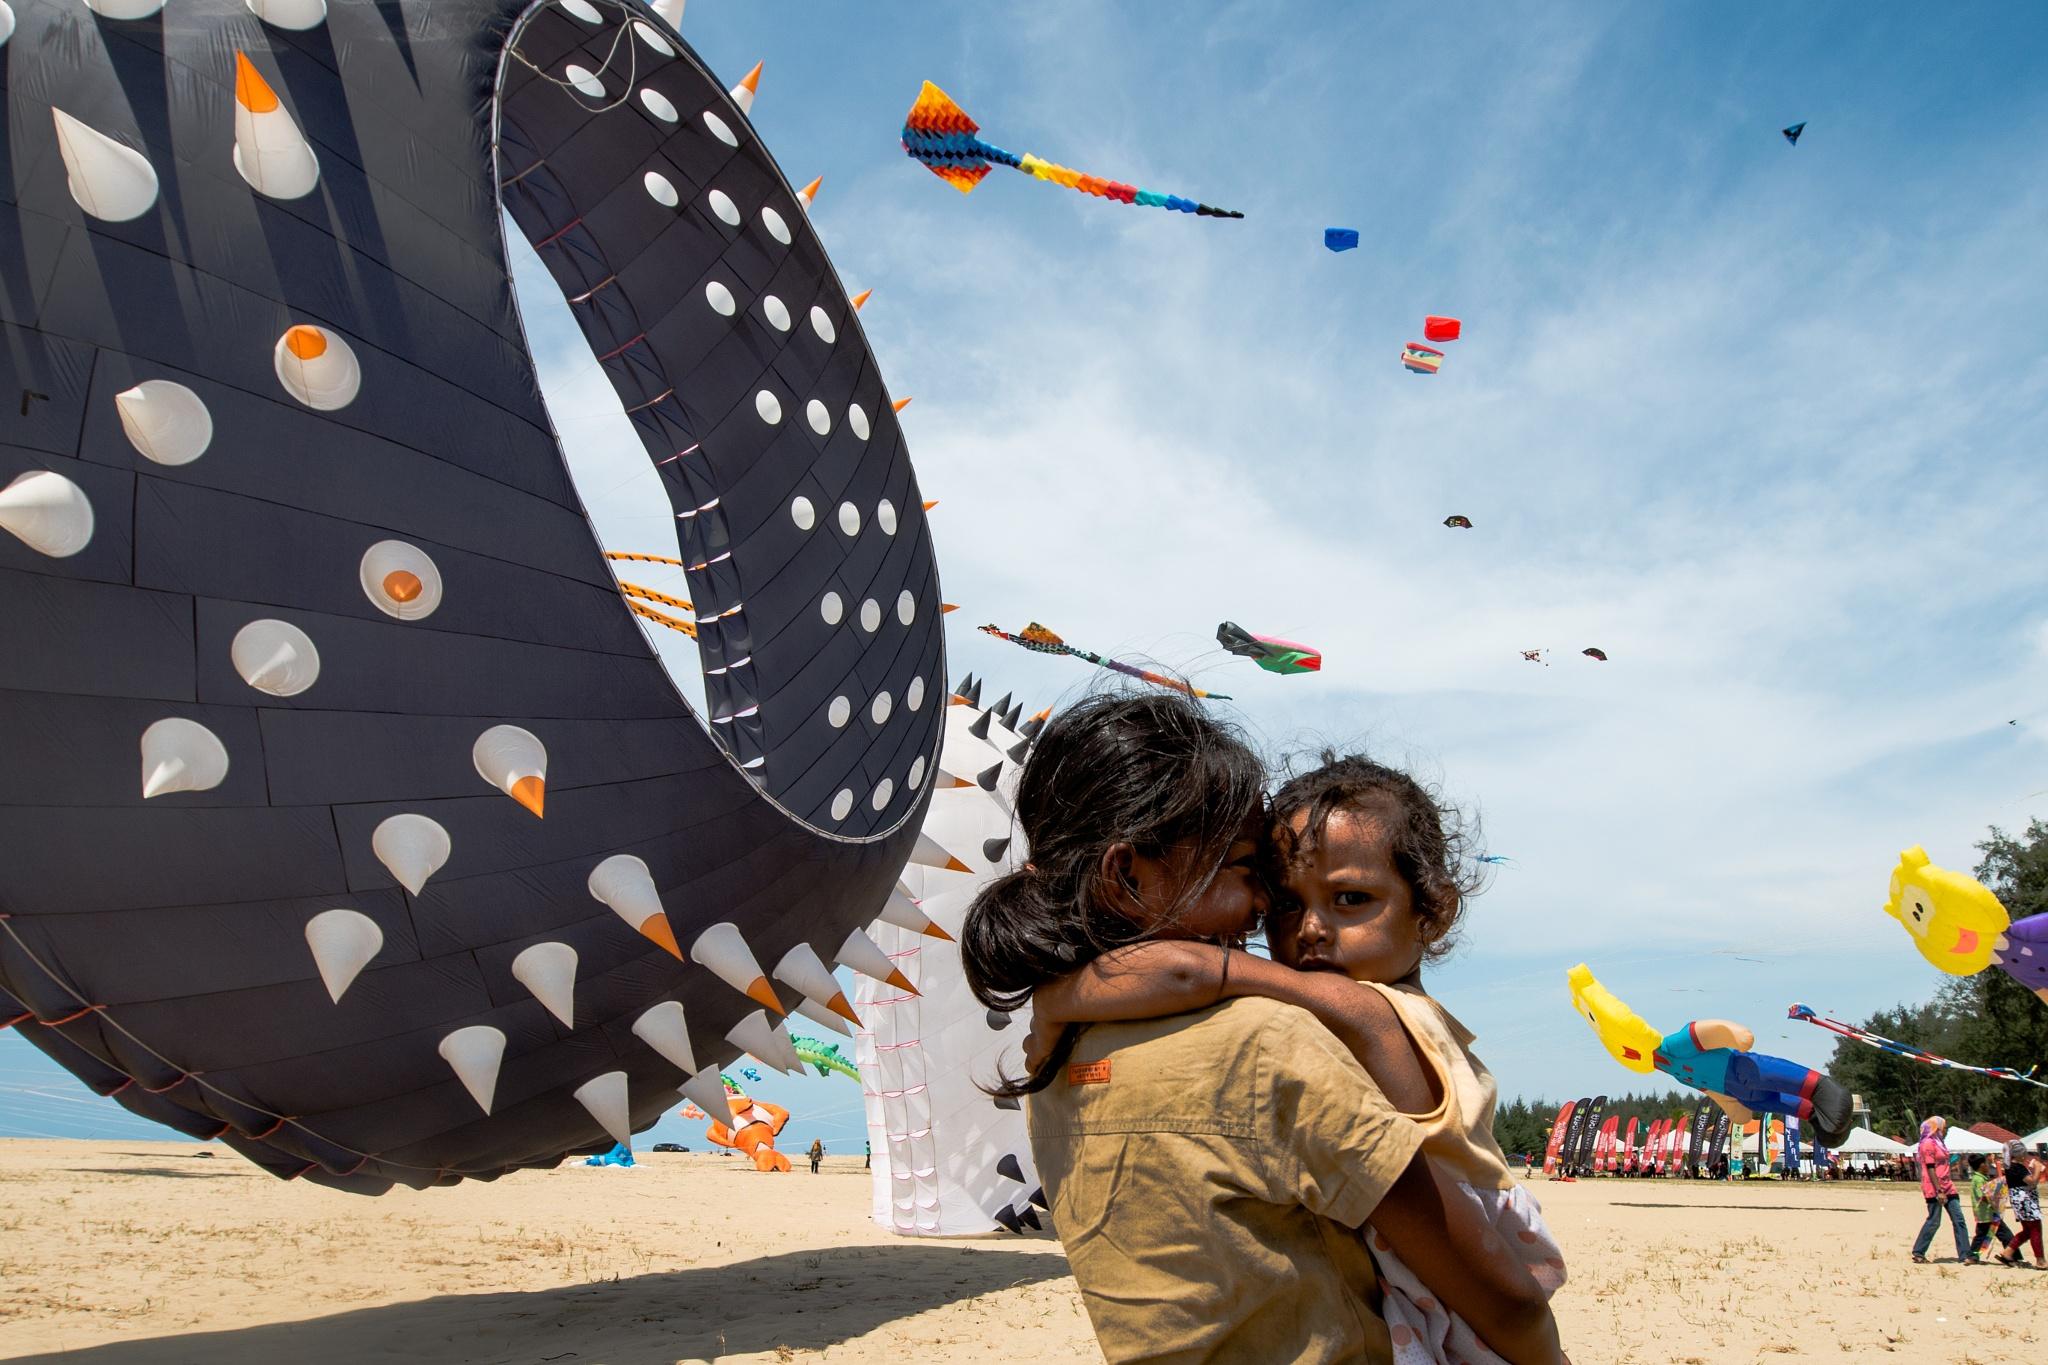 Kite Festival by klchin66